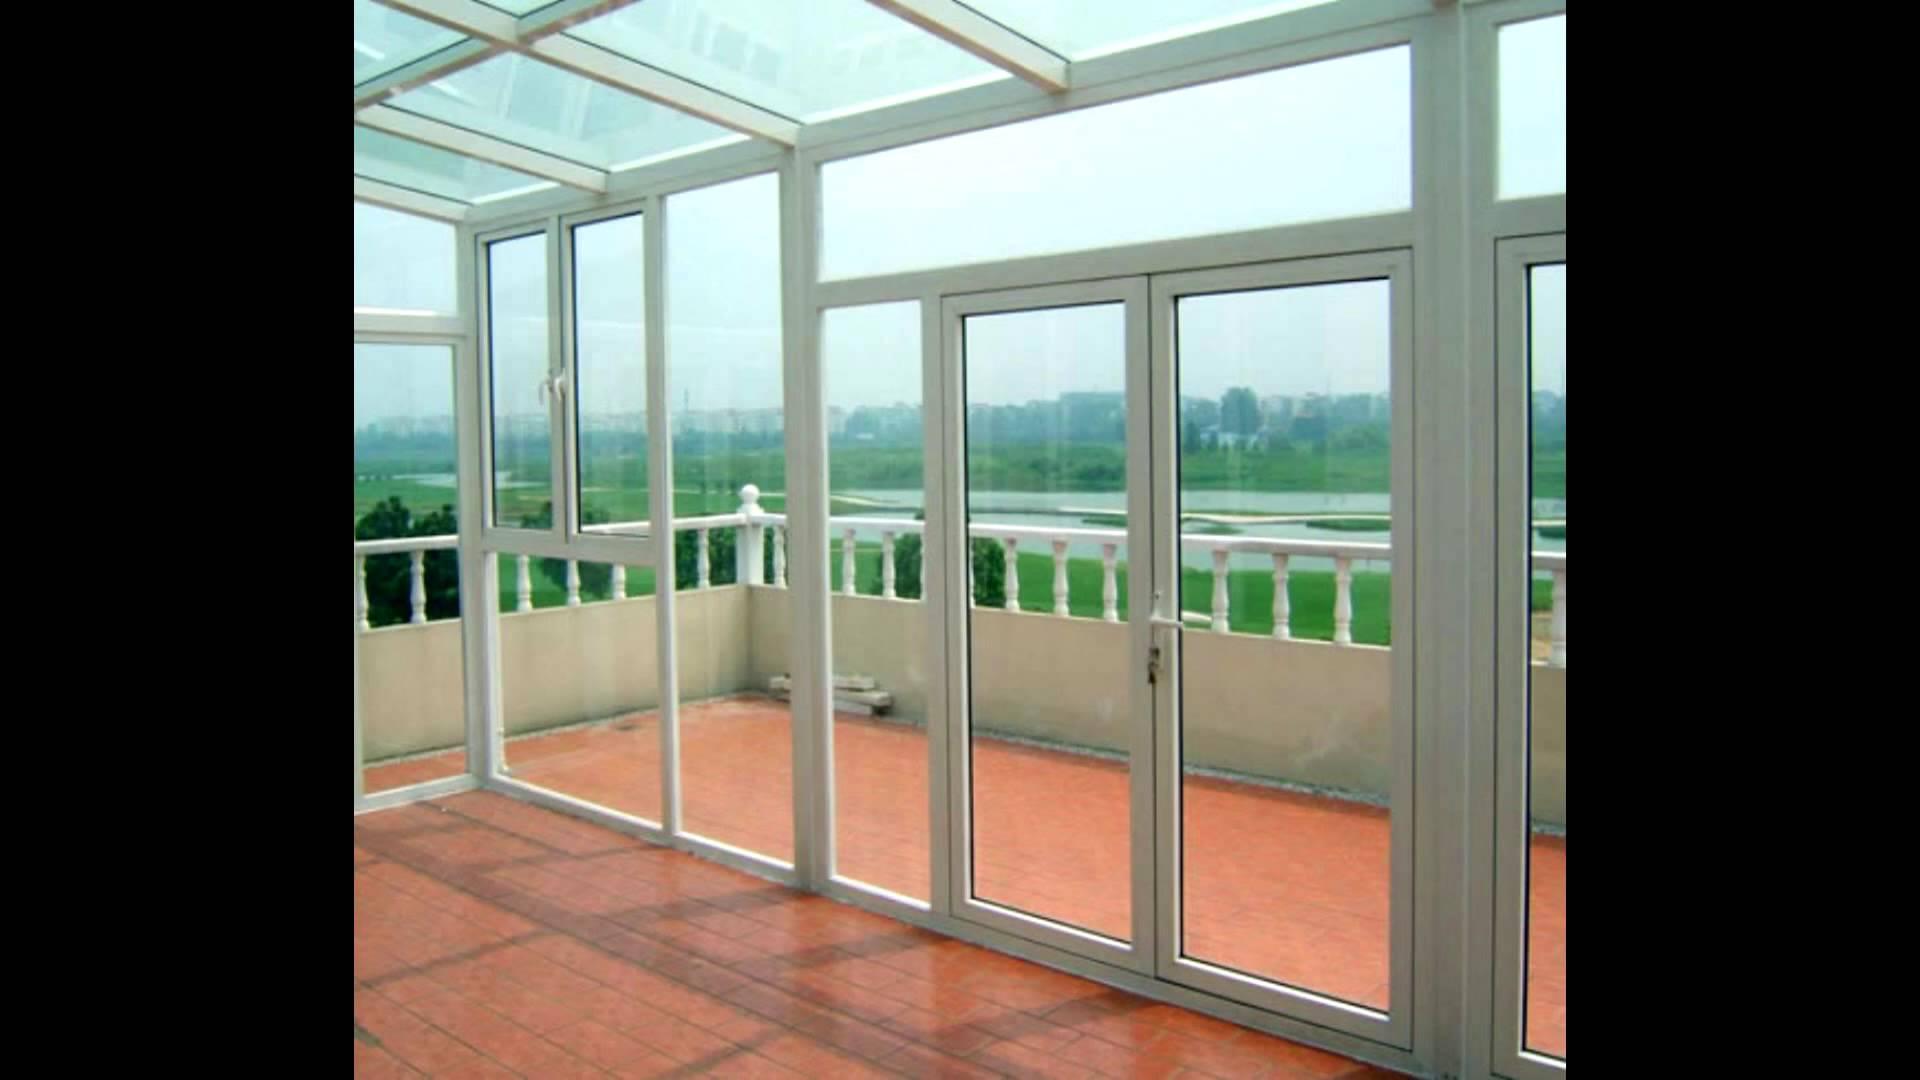 Ventanas y puertas de aluminio vidrieria ct for Puertas en aluminio